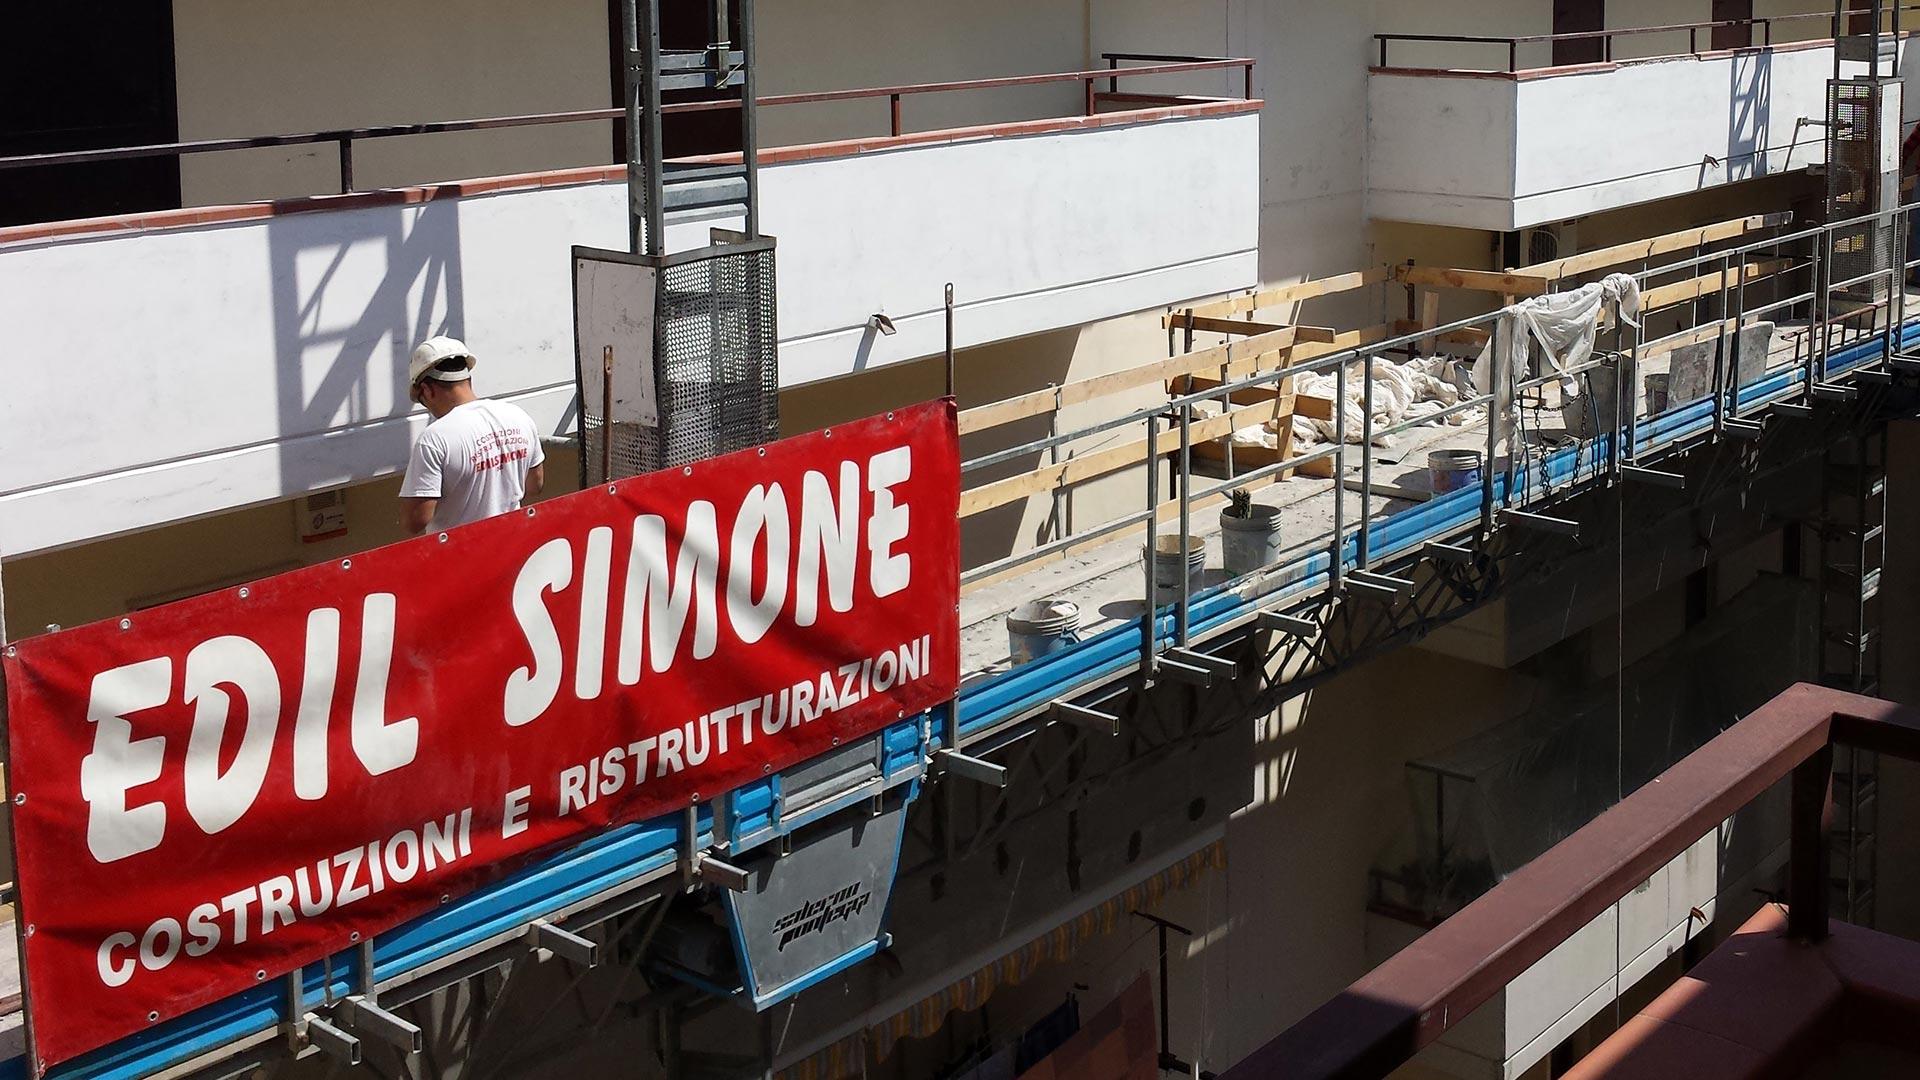 Edil Simone